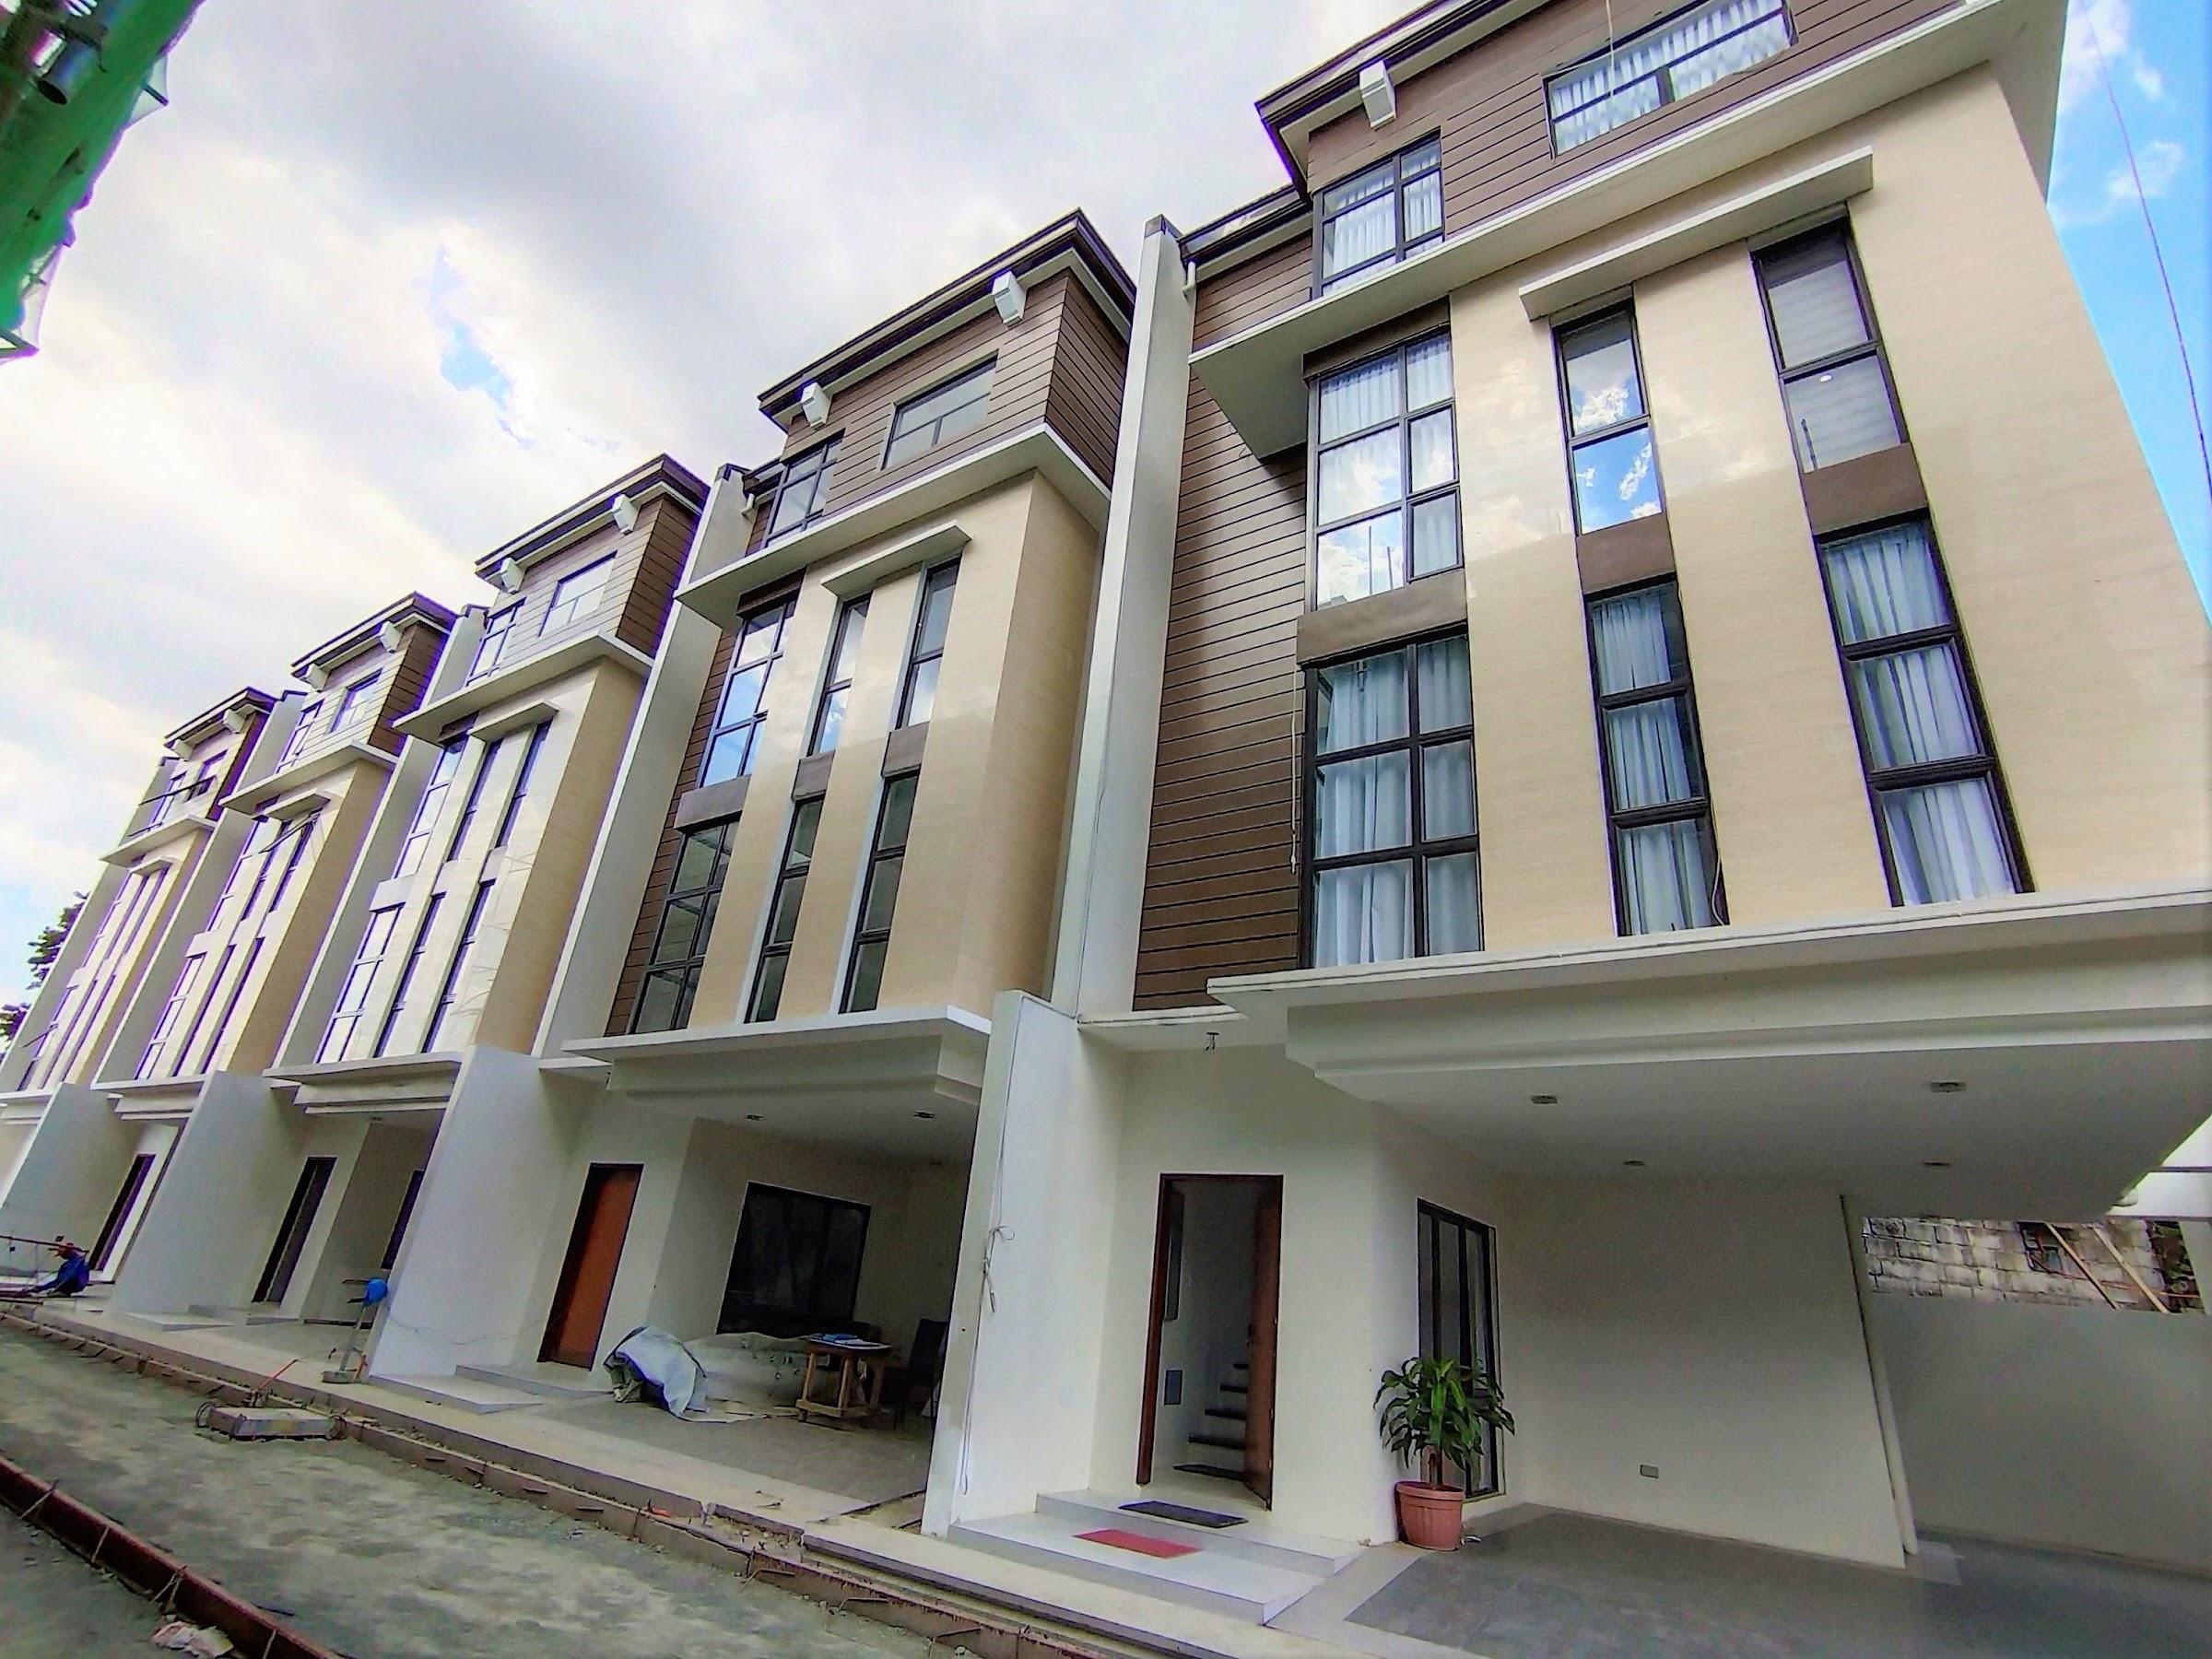 Brizlane Residences, Quezon City June 2021 Construction updates